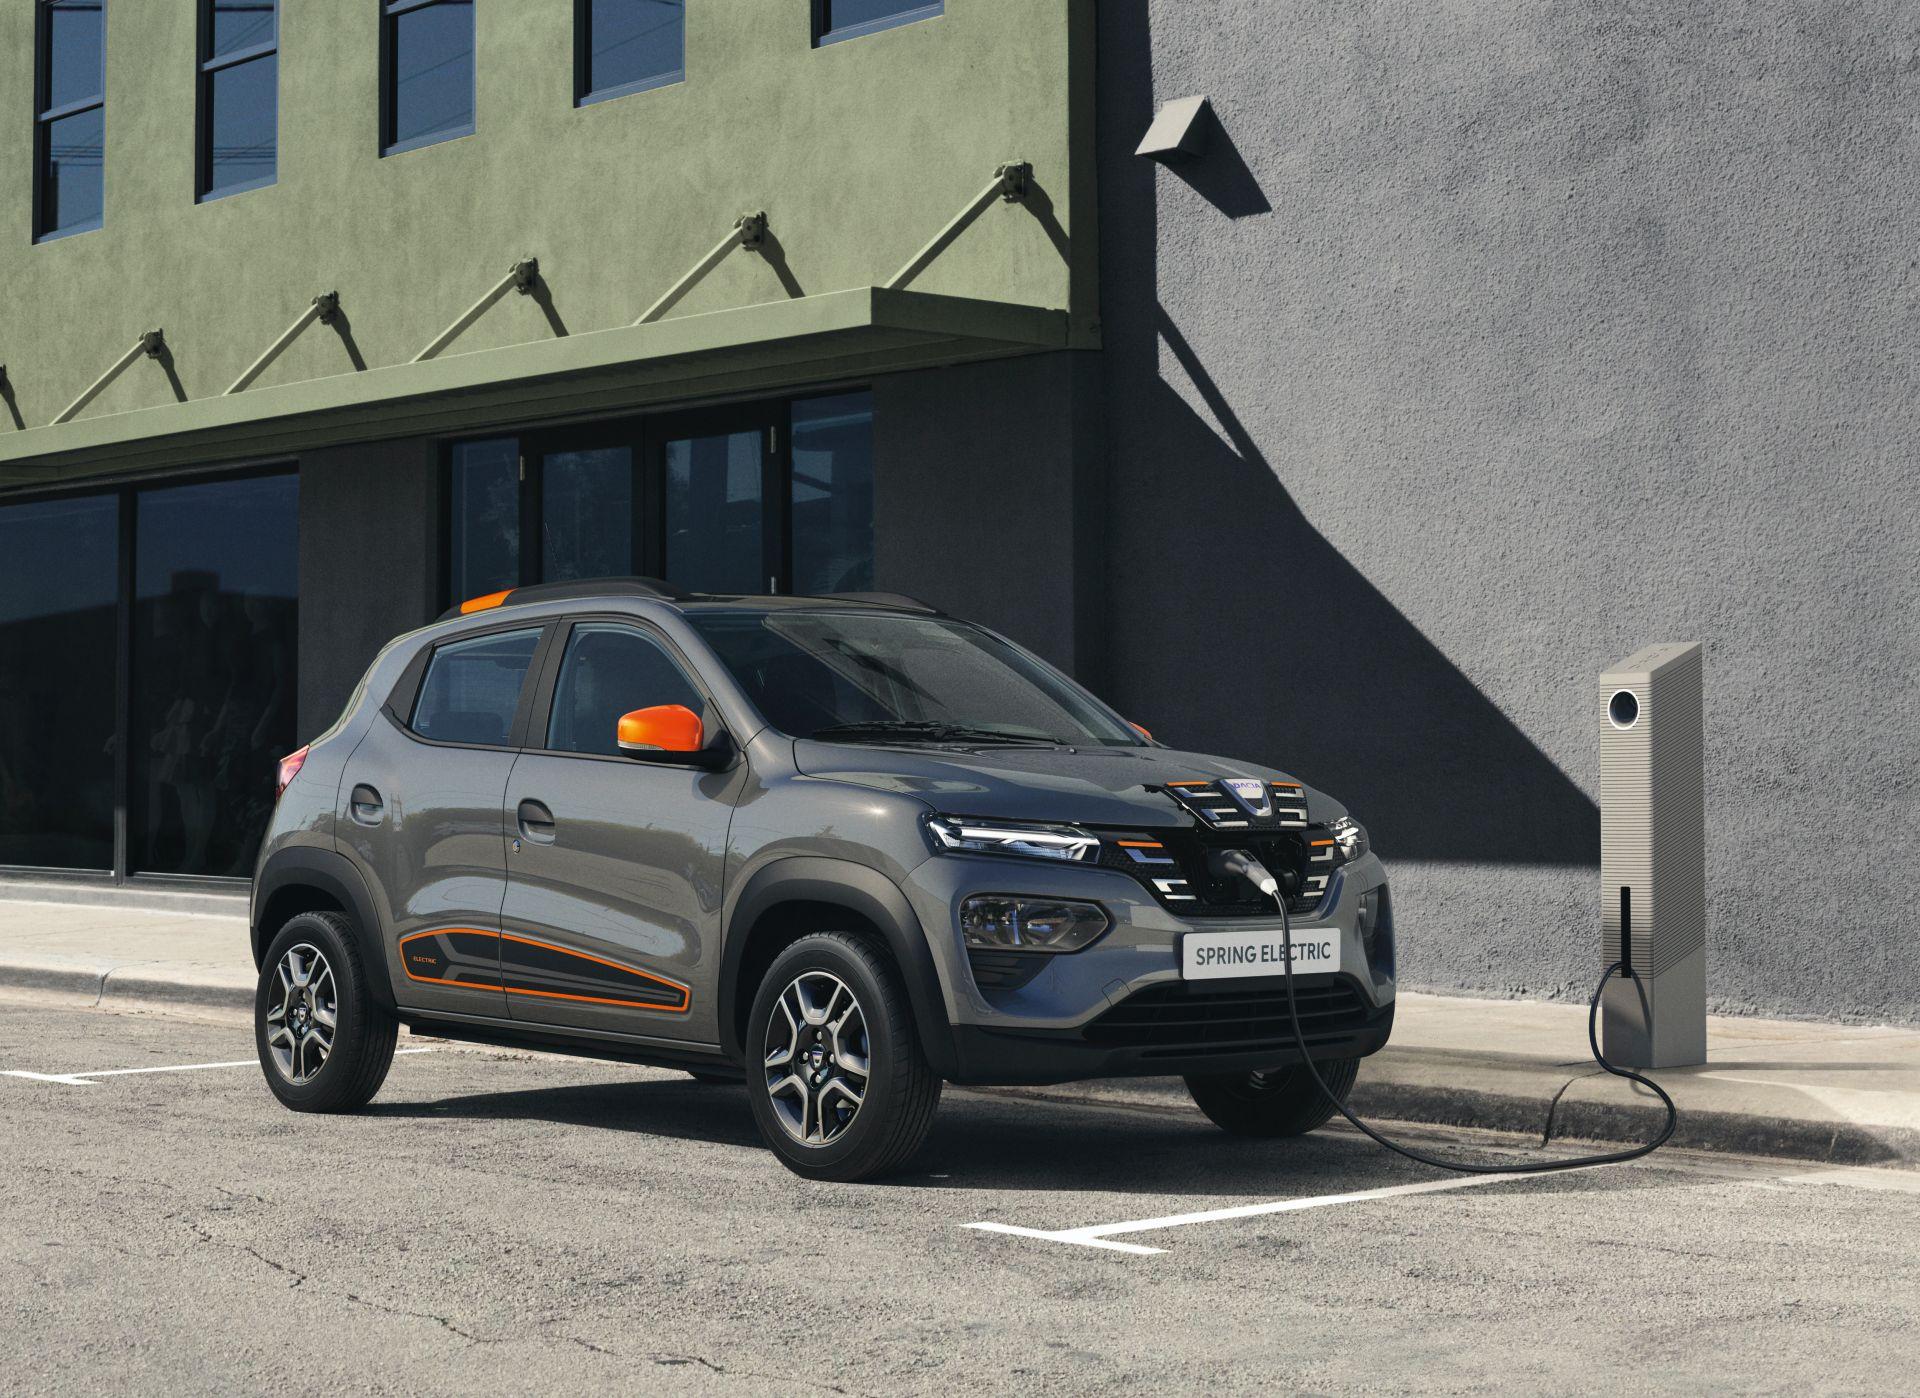 Dacia го претстави својот прв сериски модел на струја / ФОТО+ВИДЕО